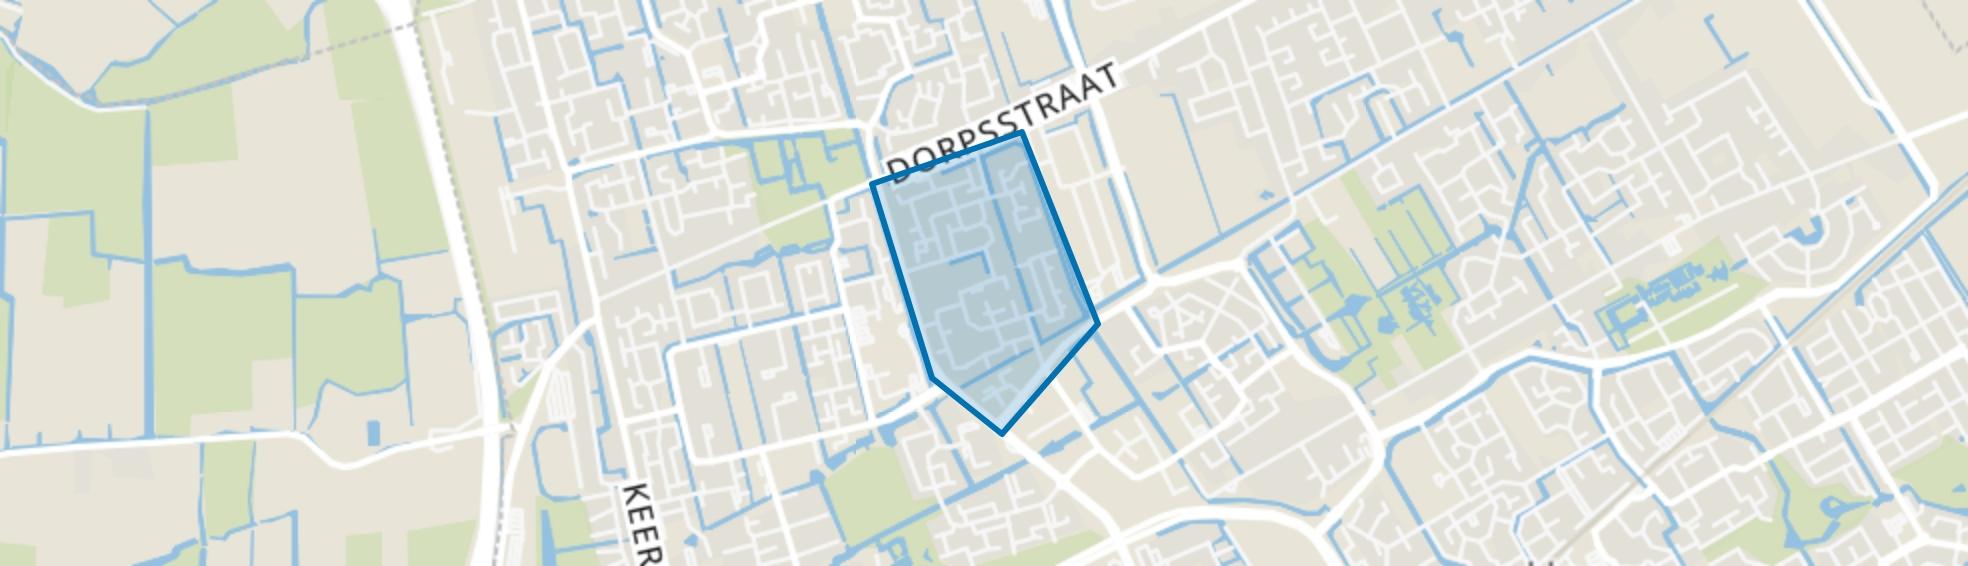 Risdam-Zuid - Buurt 20 06, Hoorn (NH) map